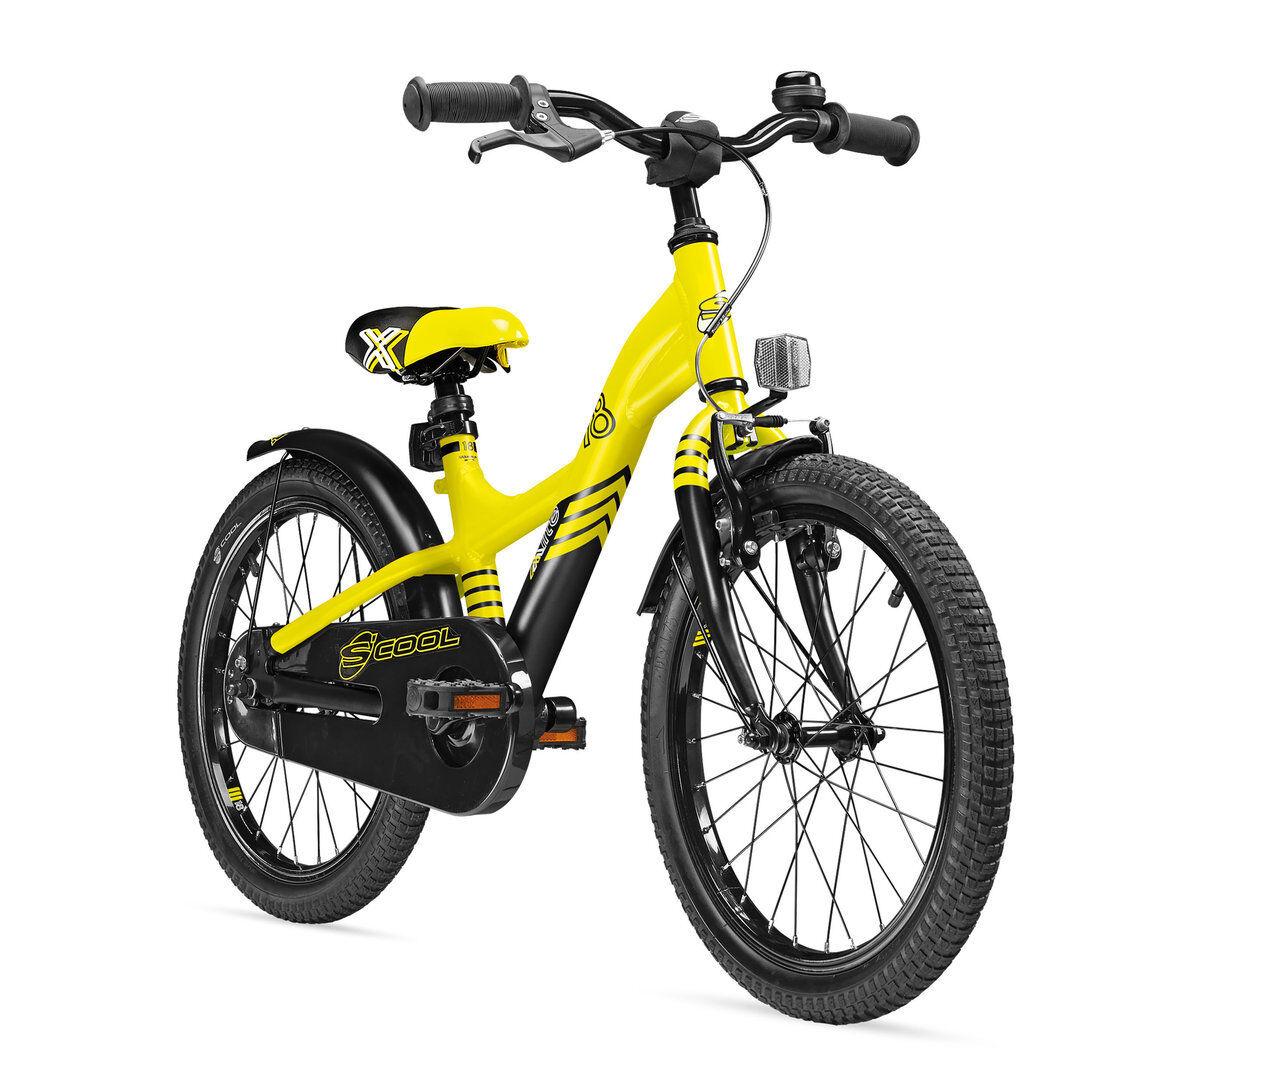 Scool Kinderrad S'cool Kinderfahrrad XXlite 18 Zoll 1-Gang gelb    5033